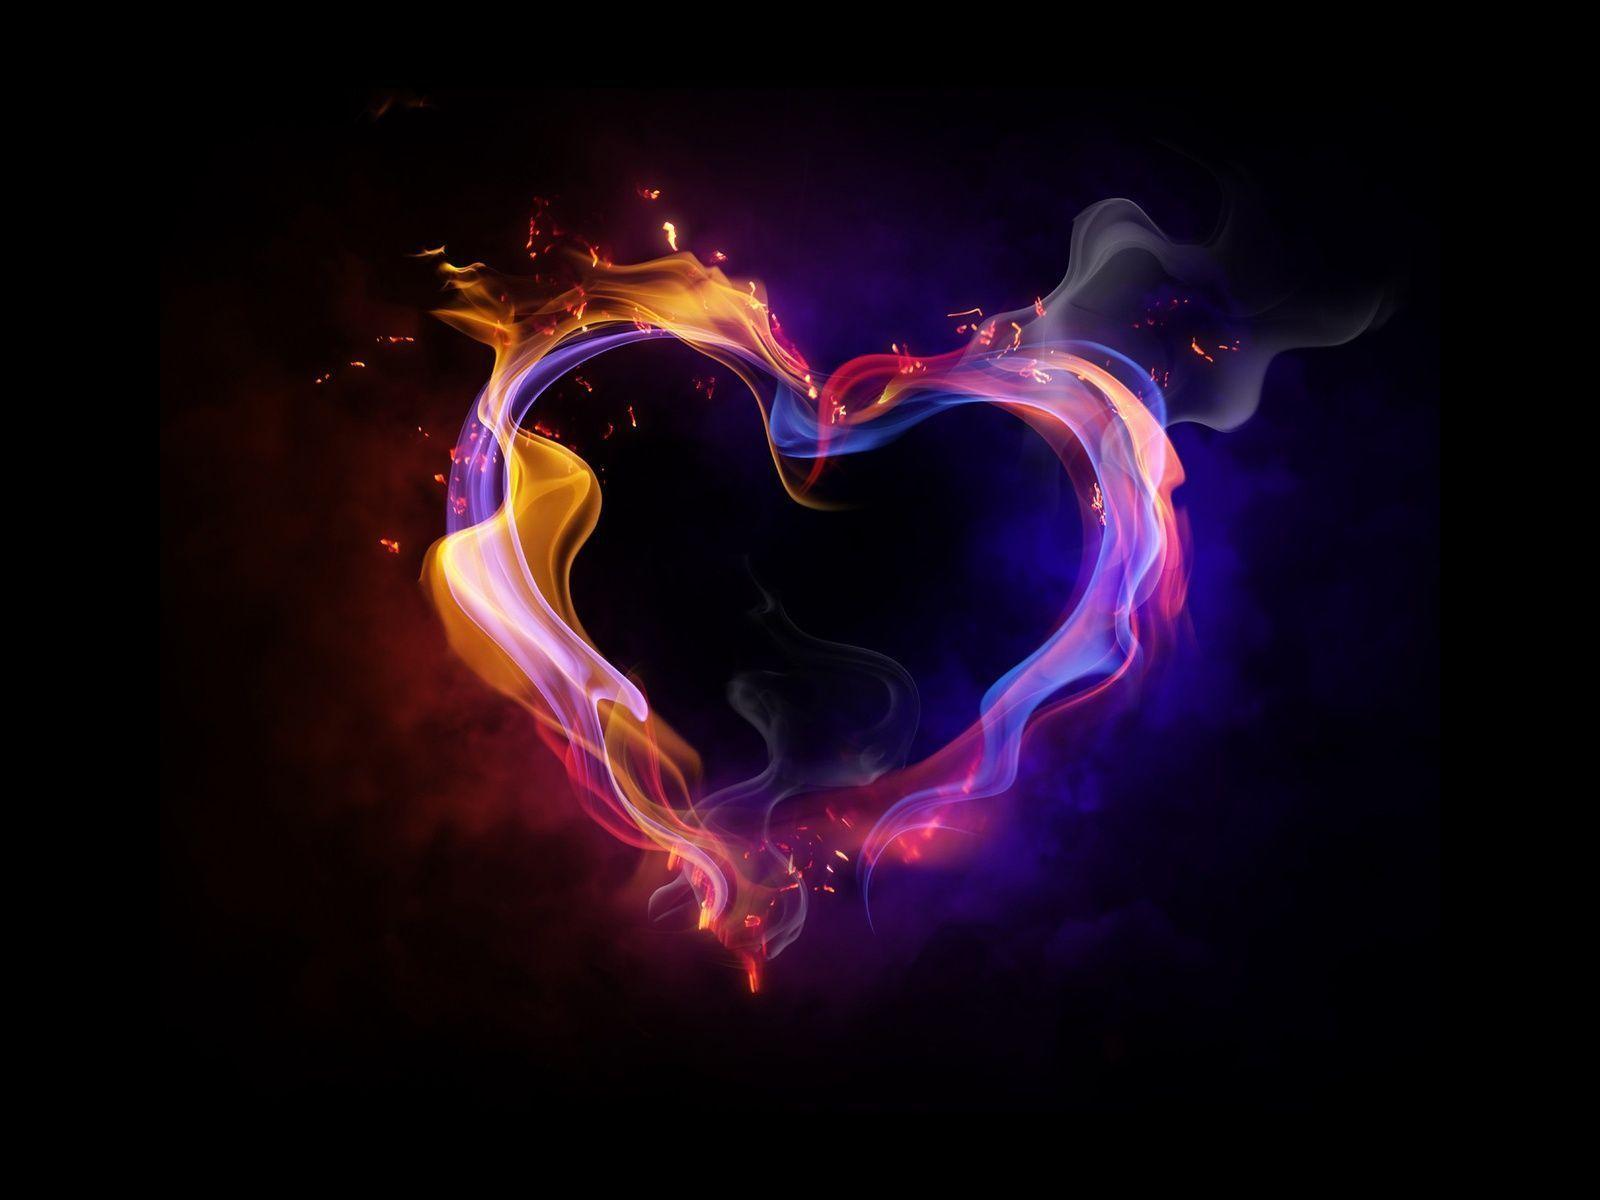 Love Heart Full HD Wallpaper 2015 #13556 Wallpaper computer   best .